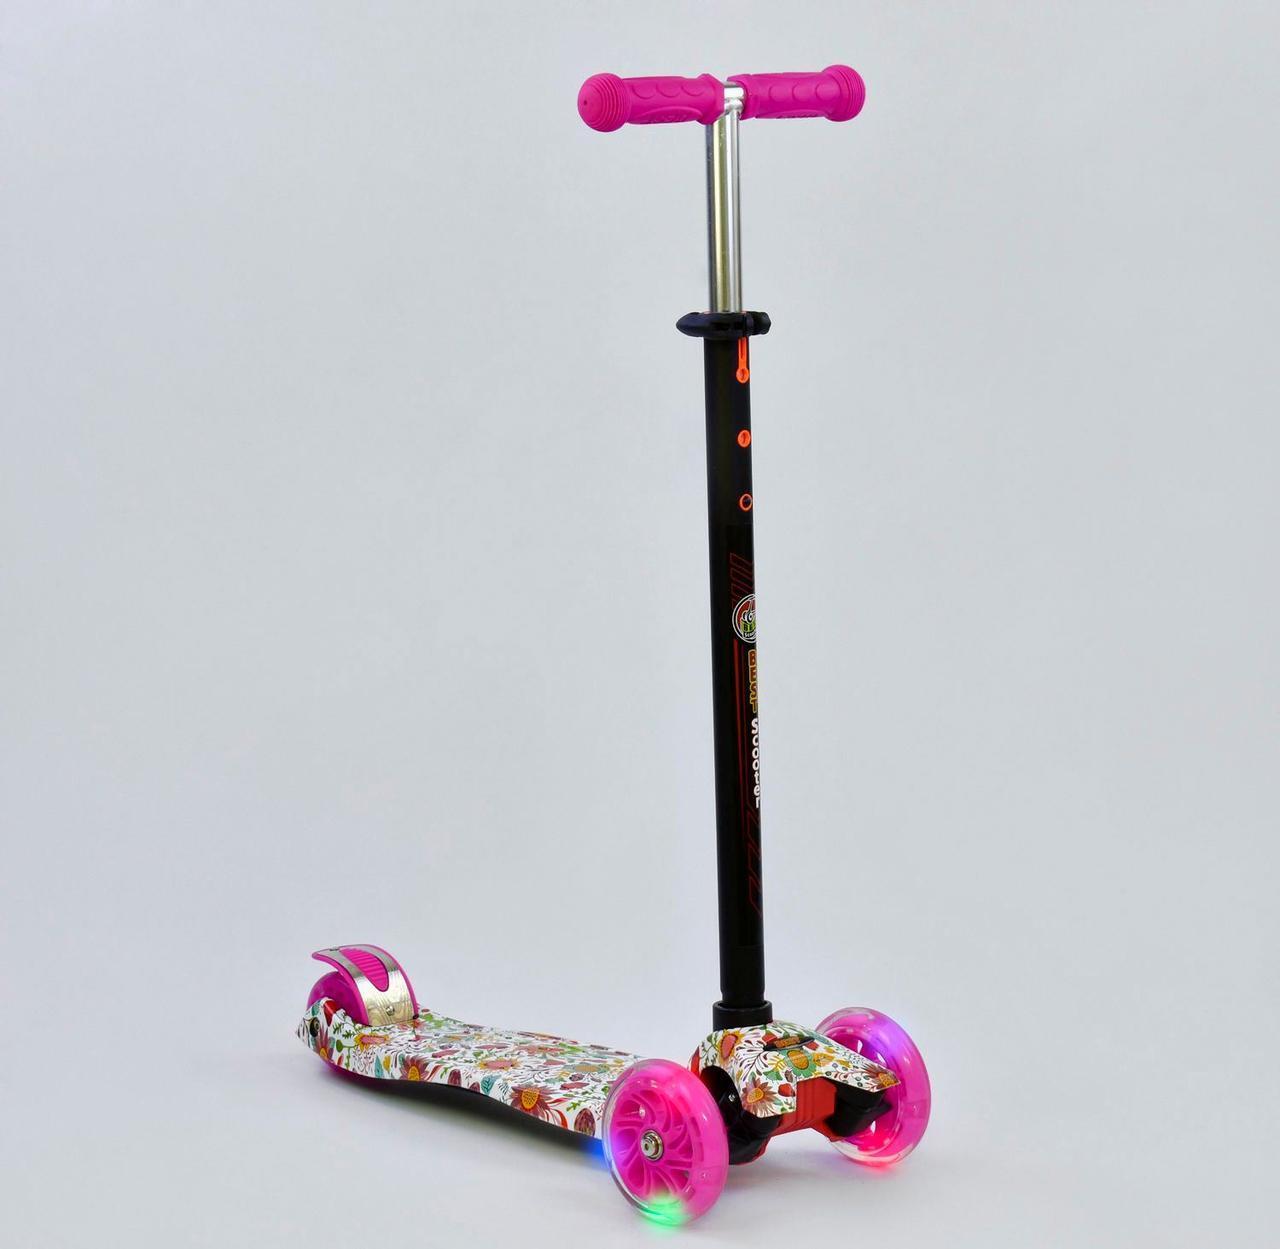 Самокат Best Scooter Maxi А 25466 / 779-1321